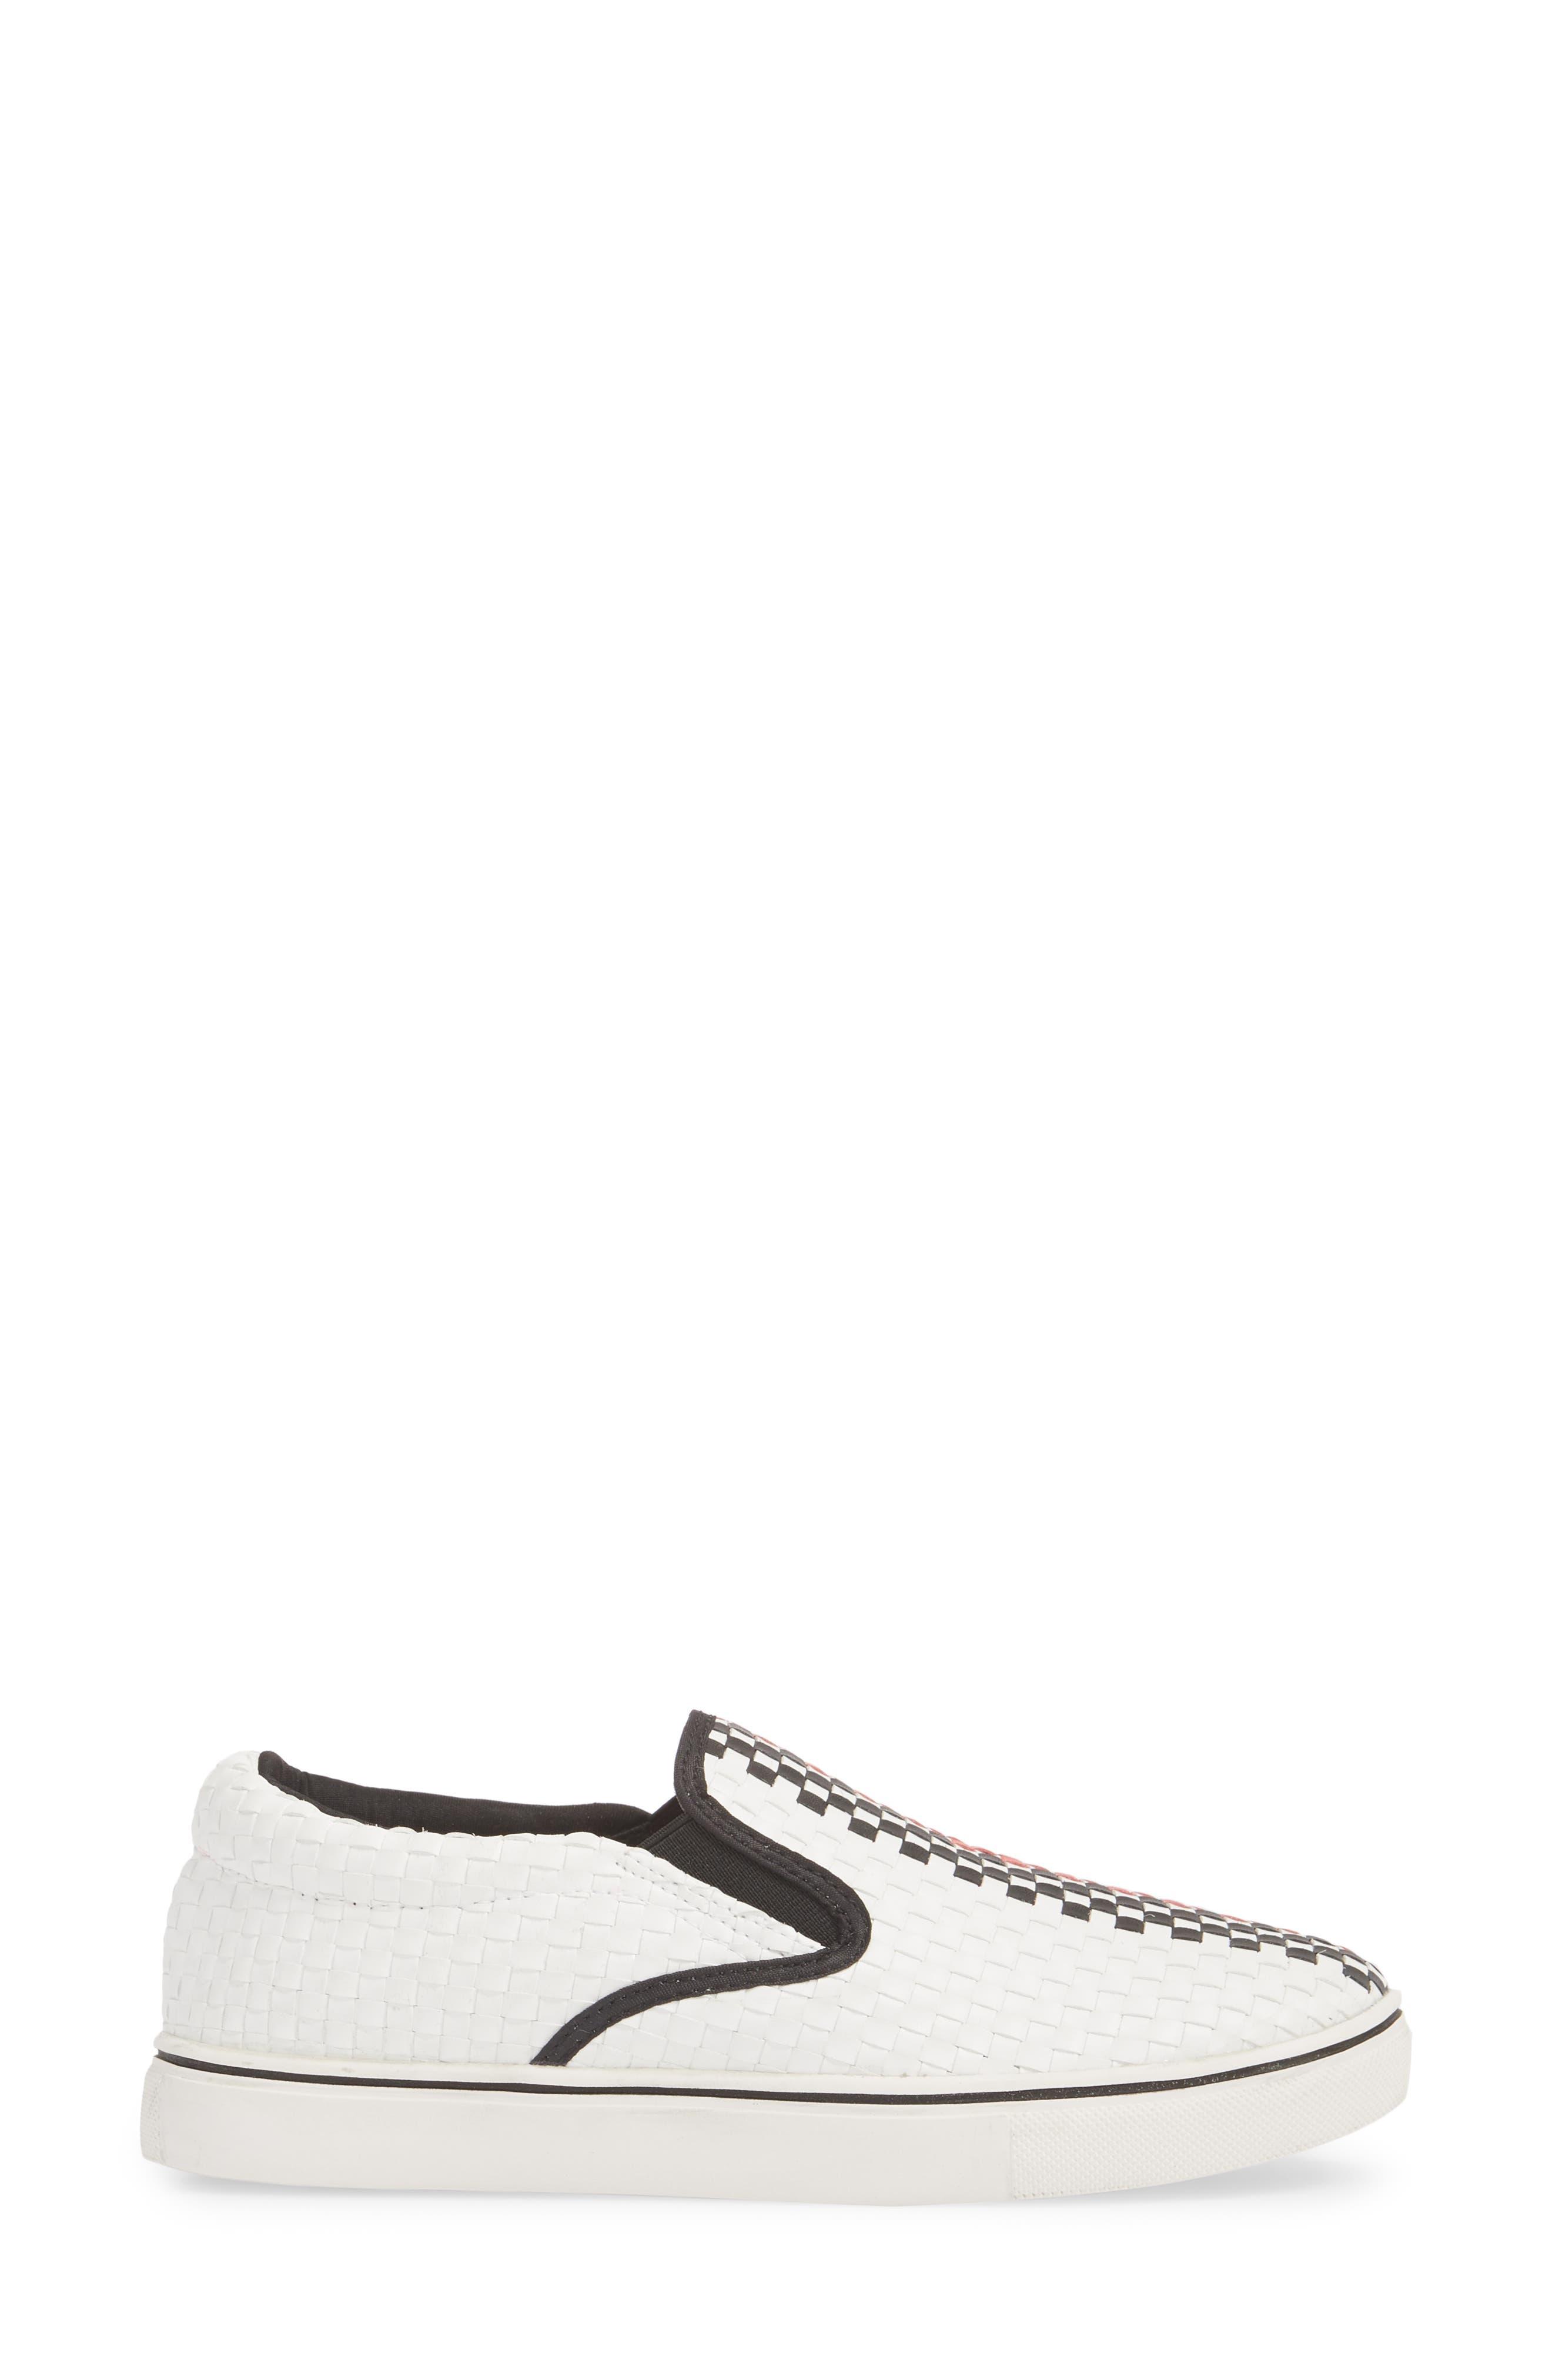 Checkerboard Slip-On Sneaker,                             Alternate thumbnail 3, color,                             White/ Red/ Black